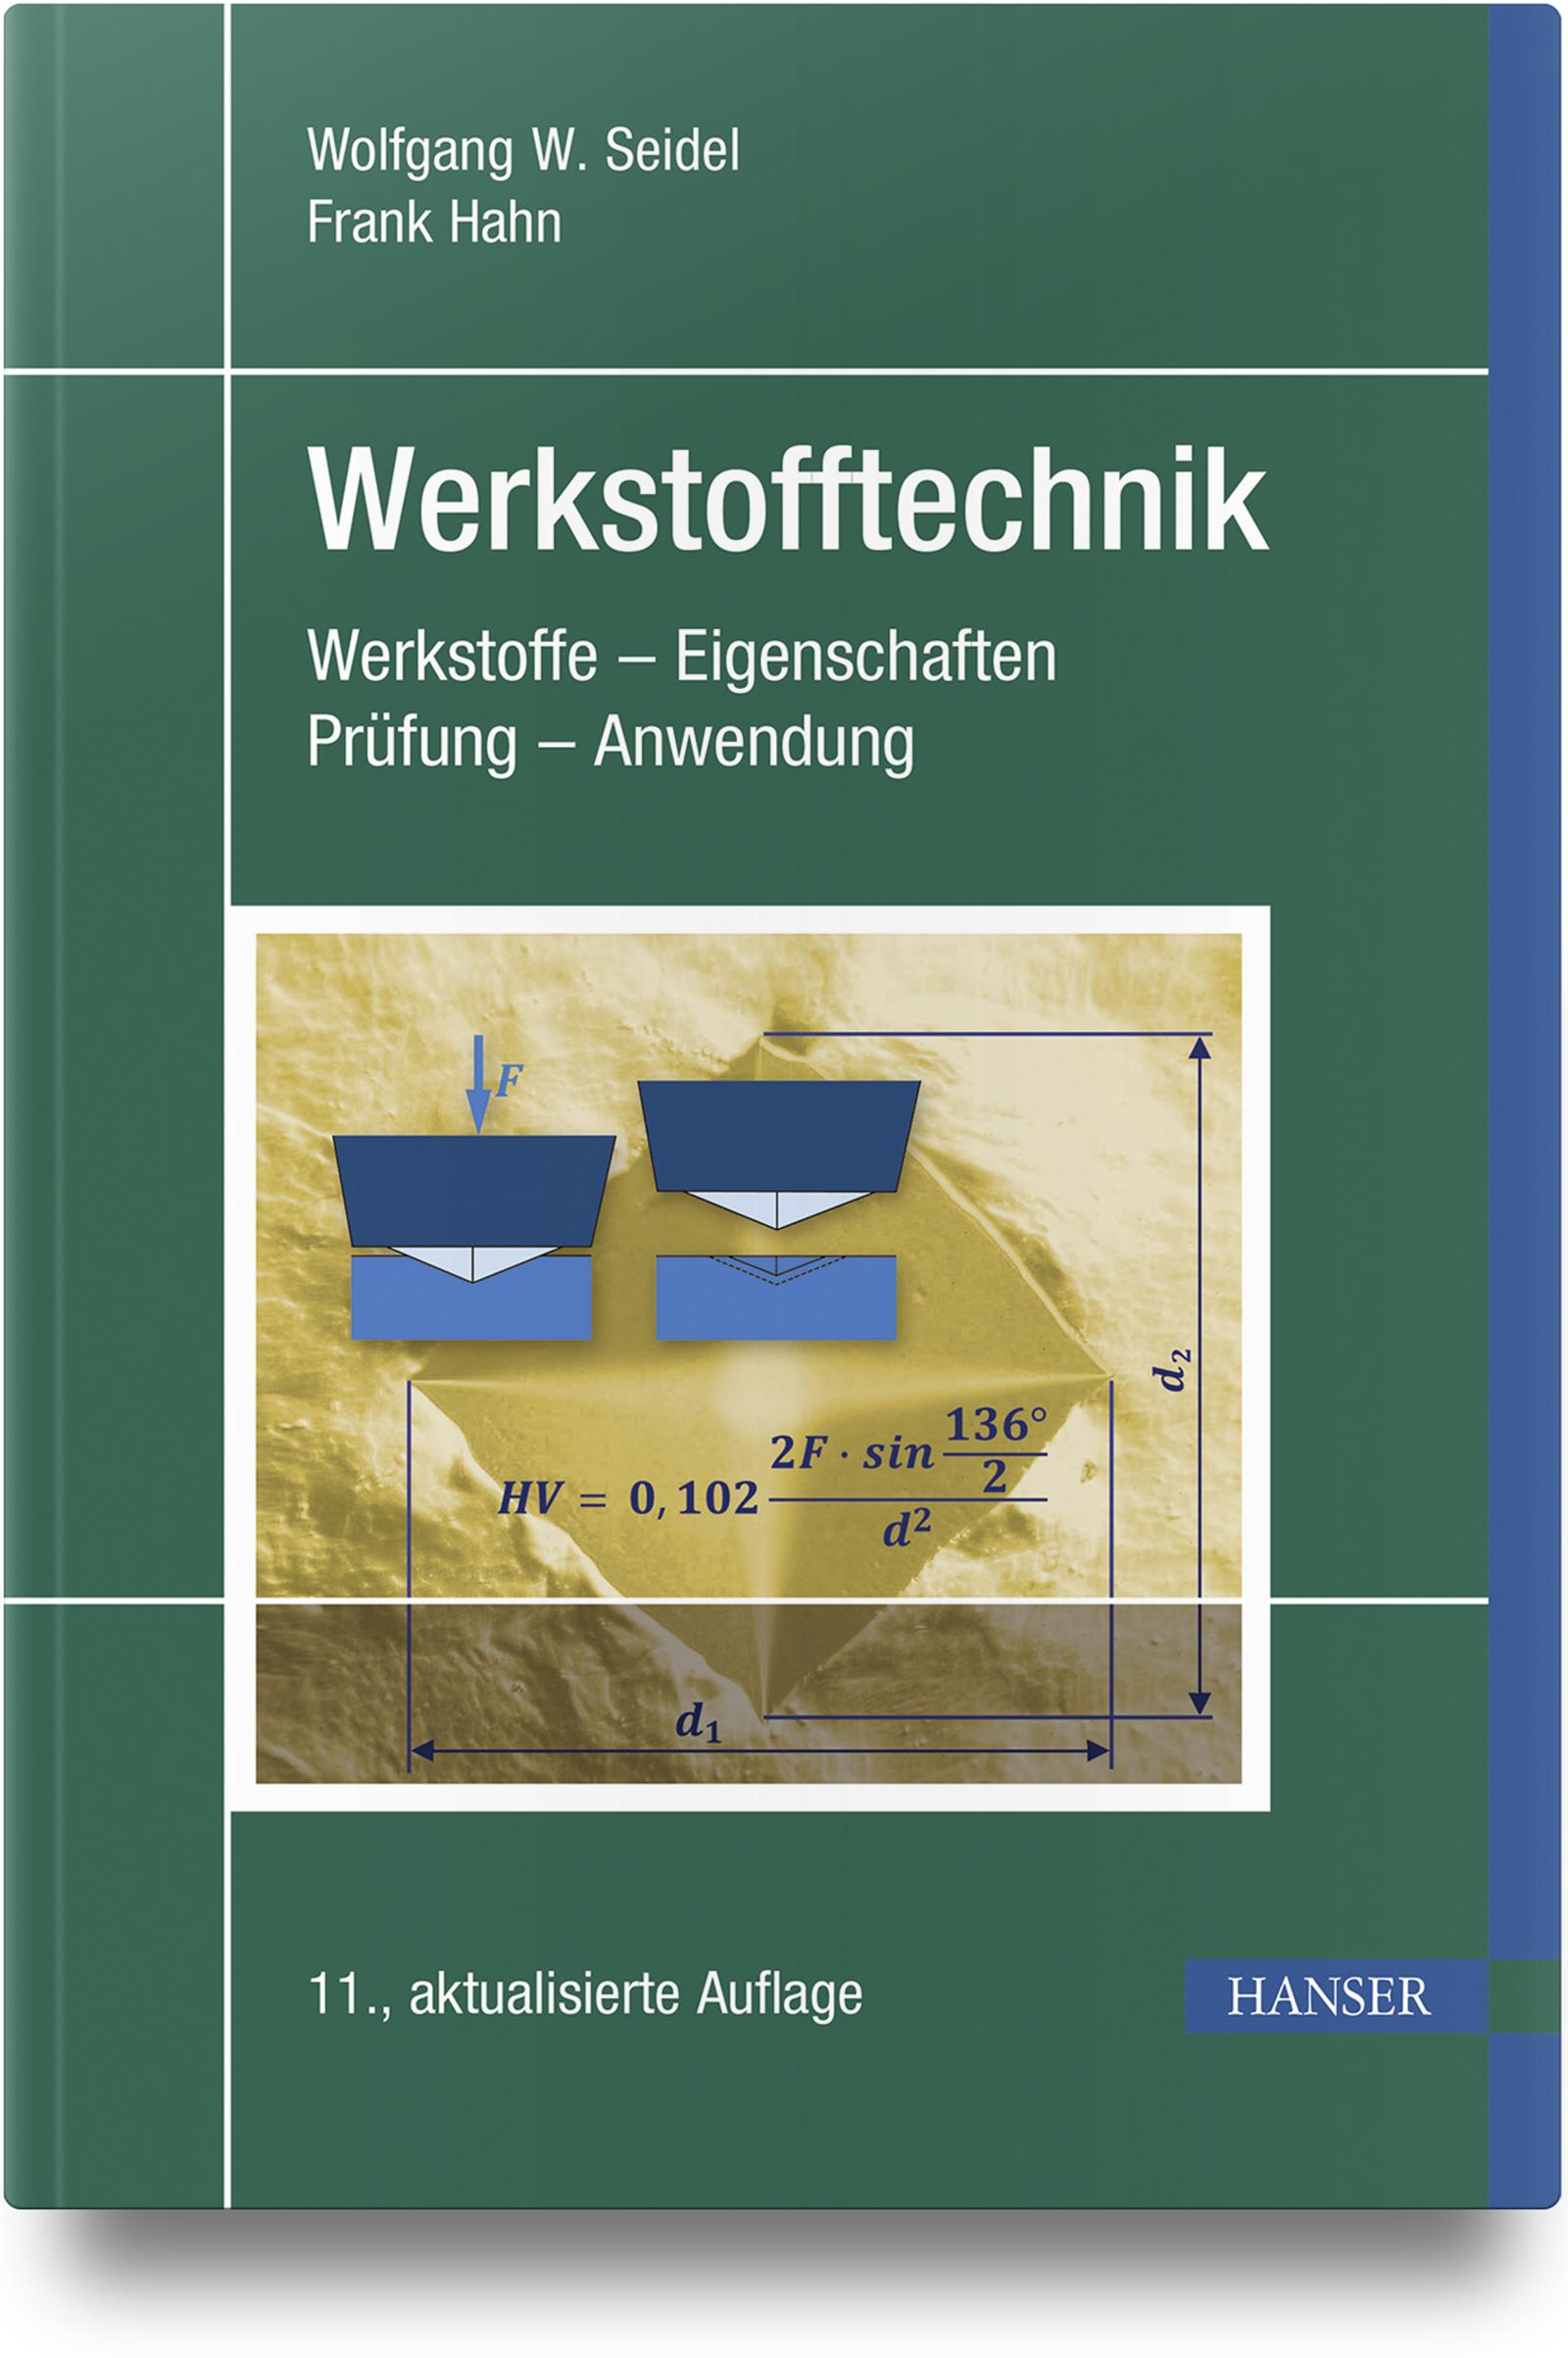 Seidel, Hahn, Werkstofftechnik, 978-3-446-45415-6